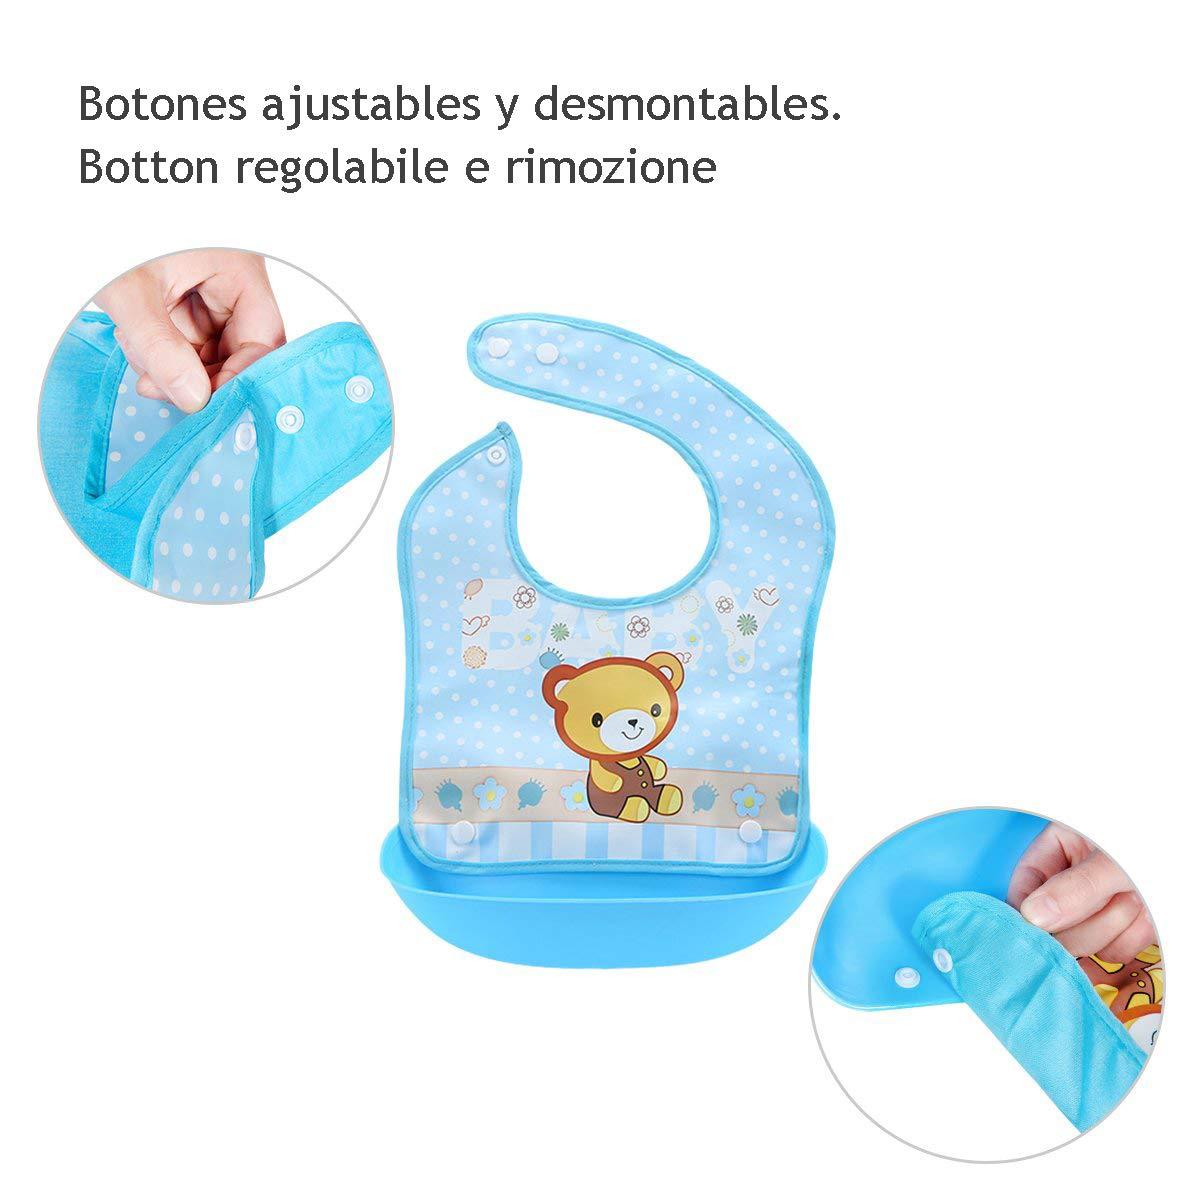 SLOSH 6 Baberos Impermeables Bebe Waterproof Niñas Niños Unisex Para Bebés de 6 Meses a 3 Años: Amazon.es: Bebé